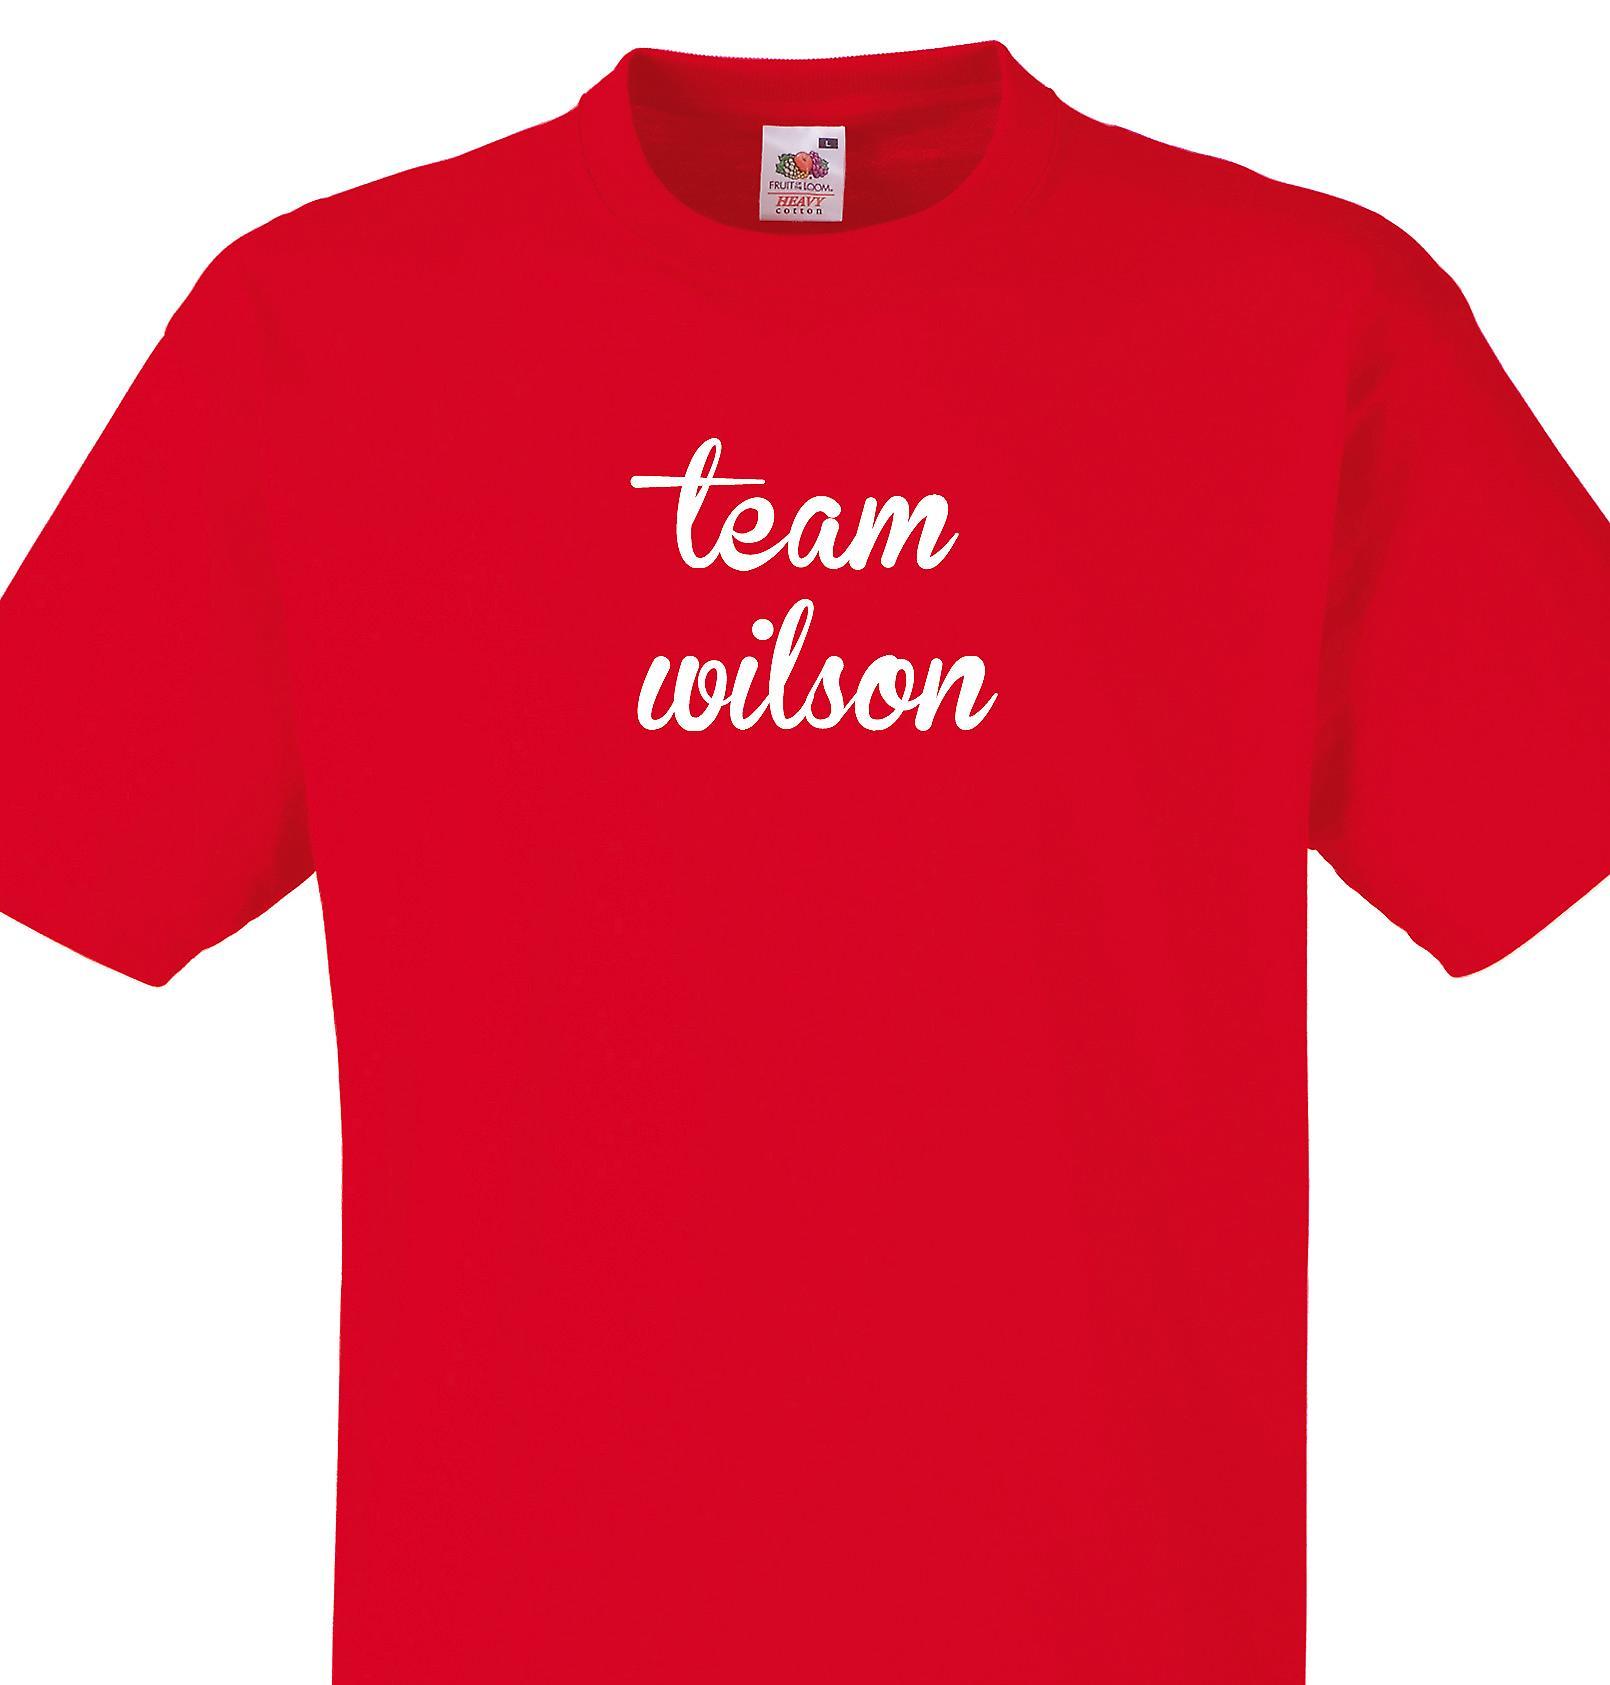 Team Wilson Red T shirt